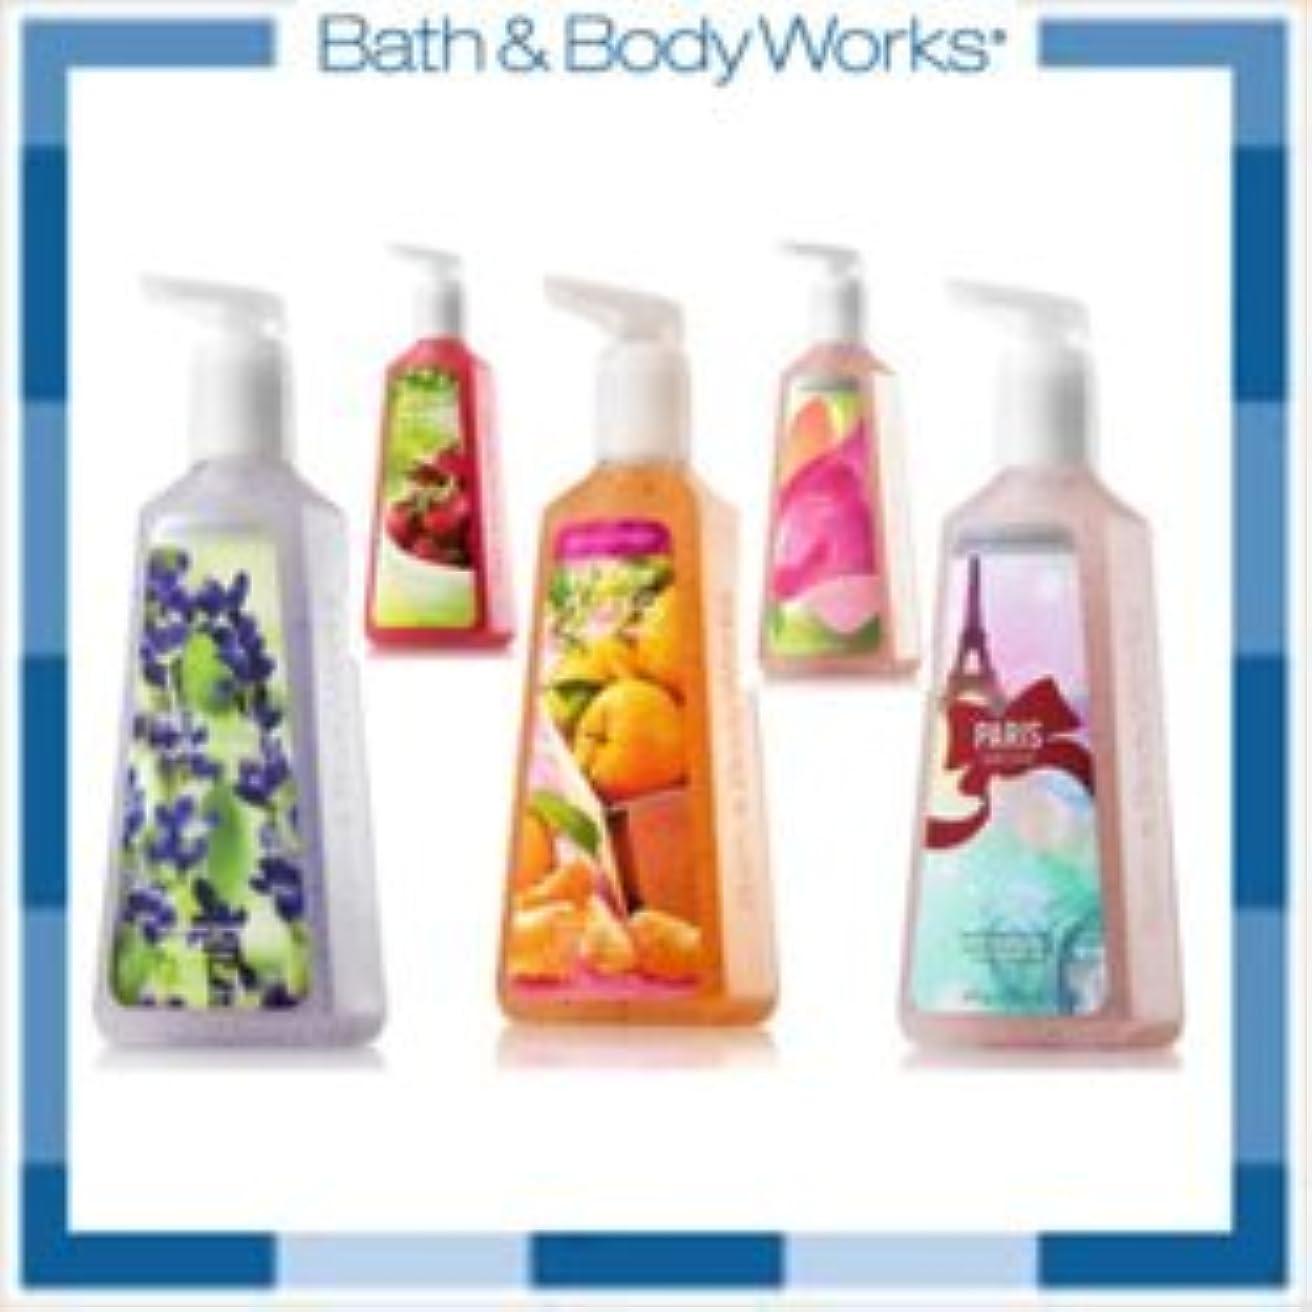 レーニン主義誘惑する失効Bath & Body Works ハンドソープ 8本詰め合わせセット (???????、??????????????or MIX) 【平行輸入品】 (ディープクレンジング  (8本))